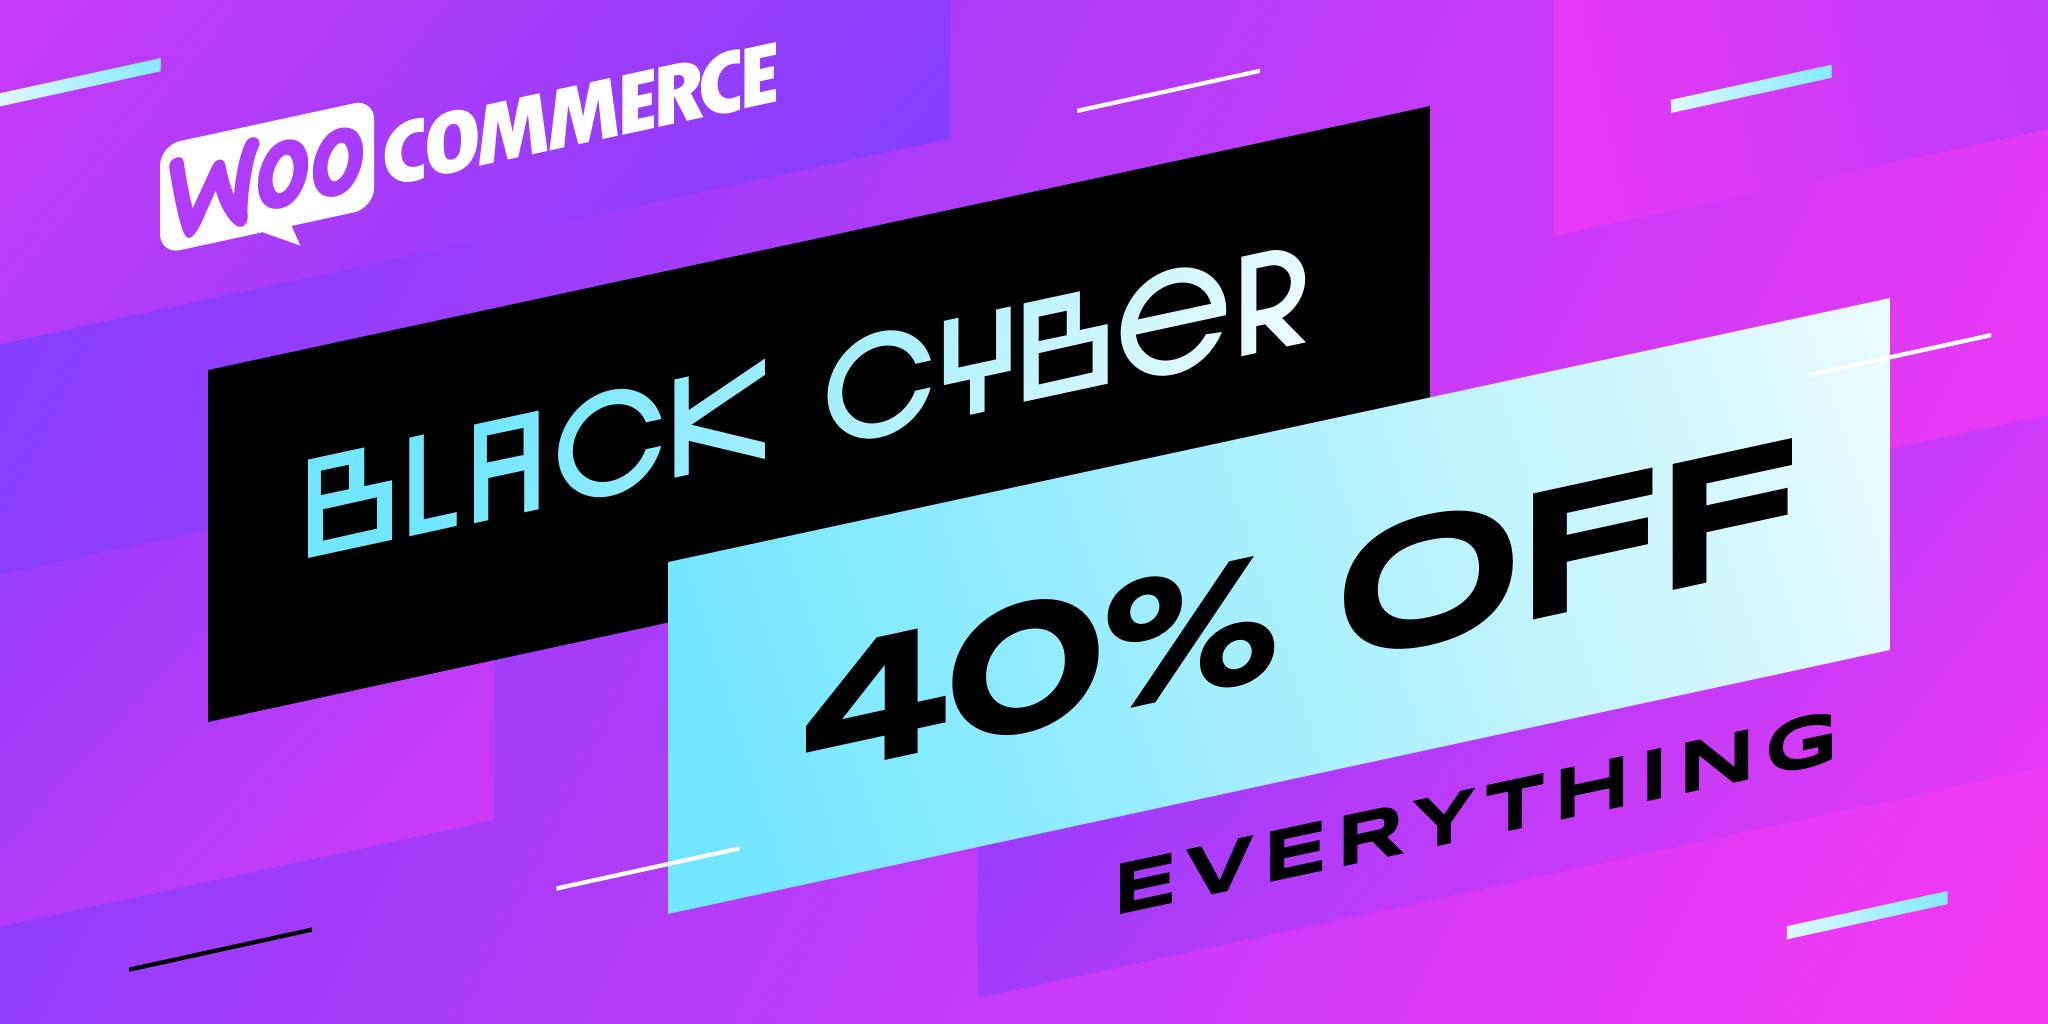 WooCommerce Pro - 40% Off [Starts: Black Friday 2020]